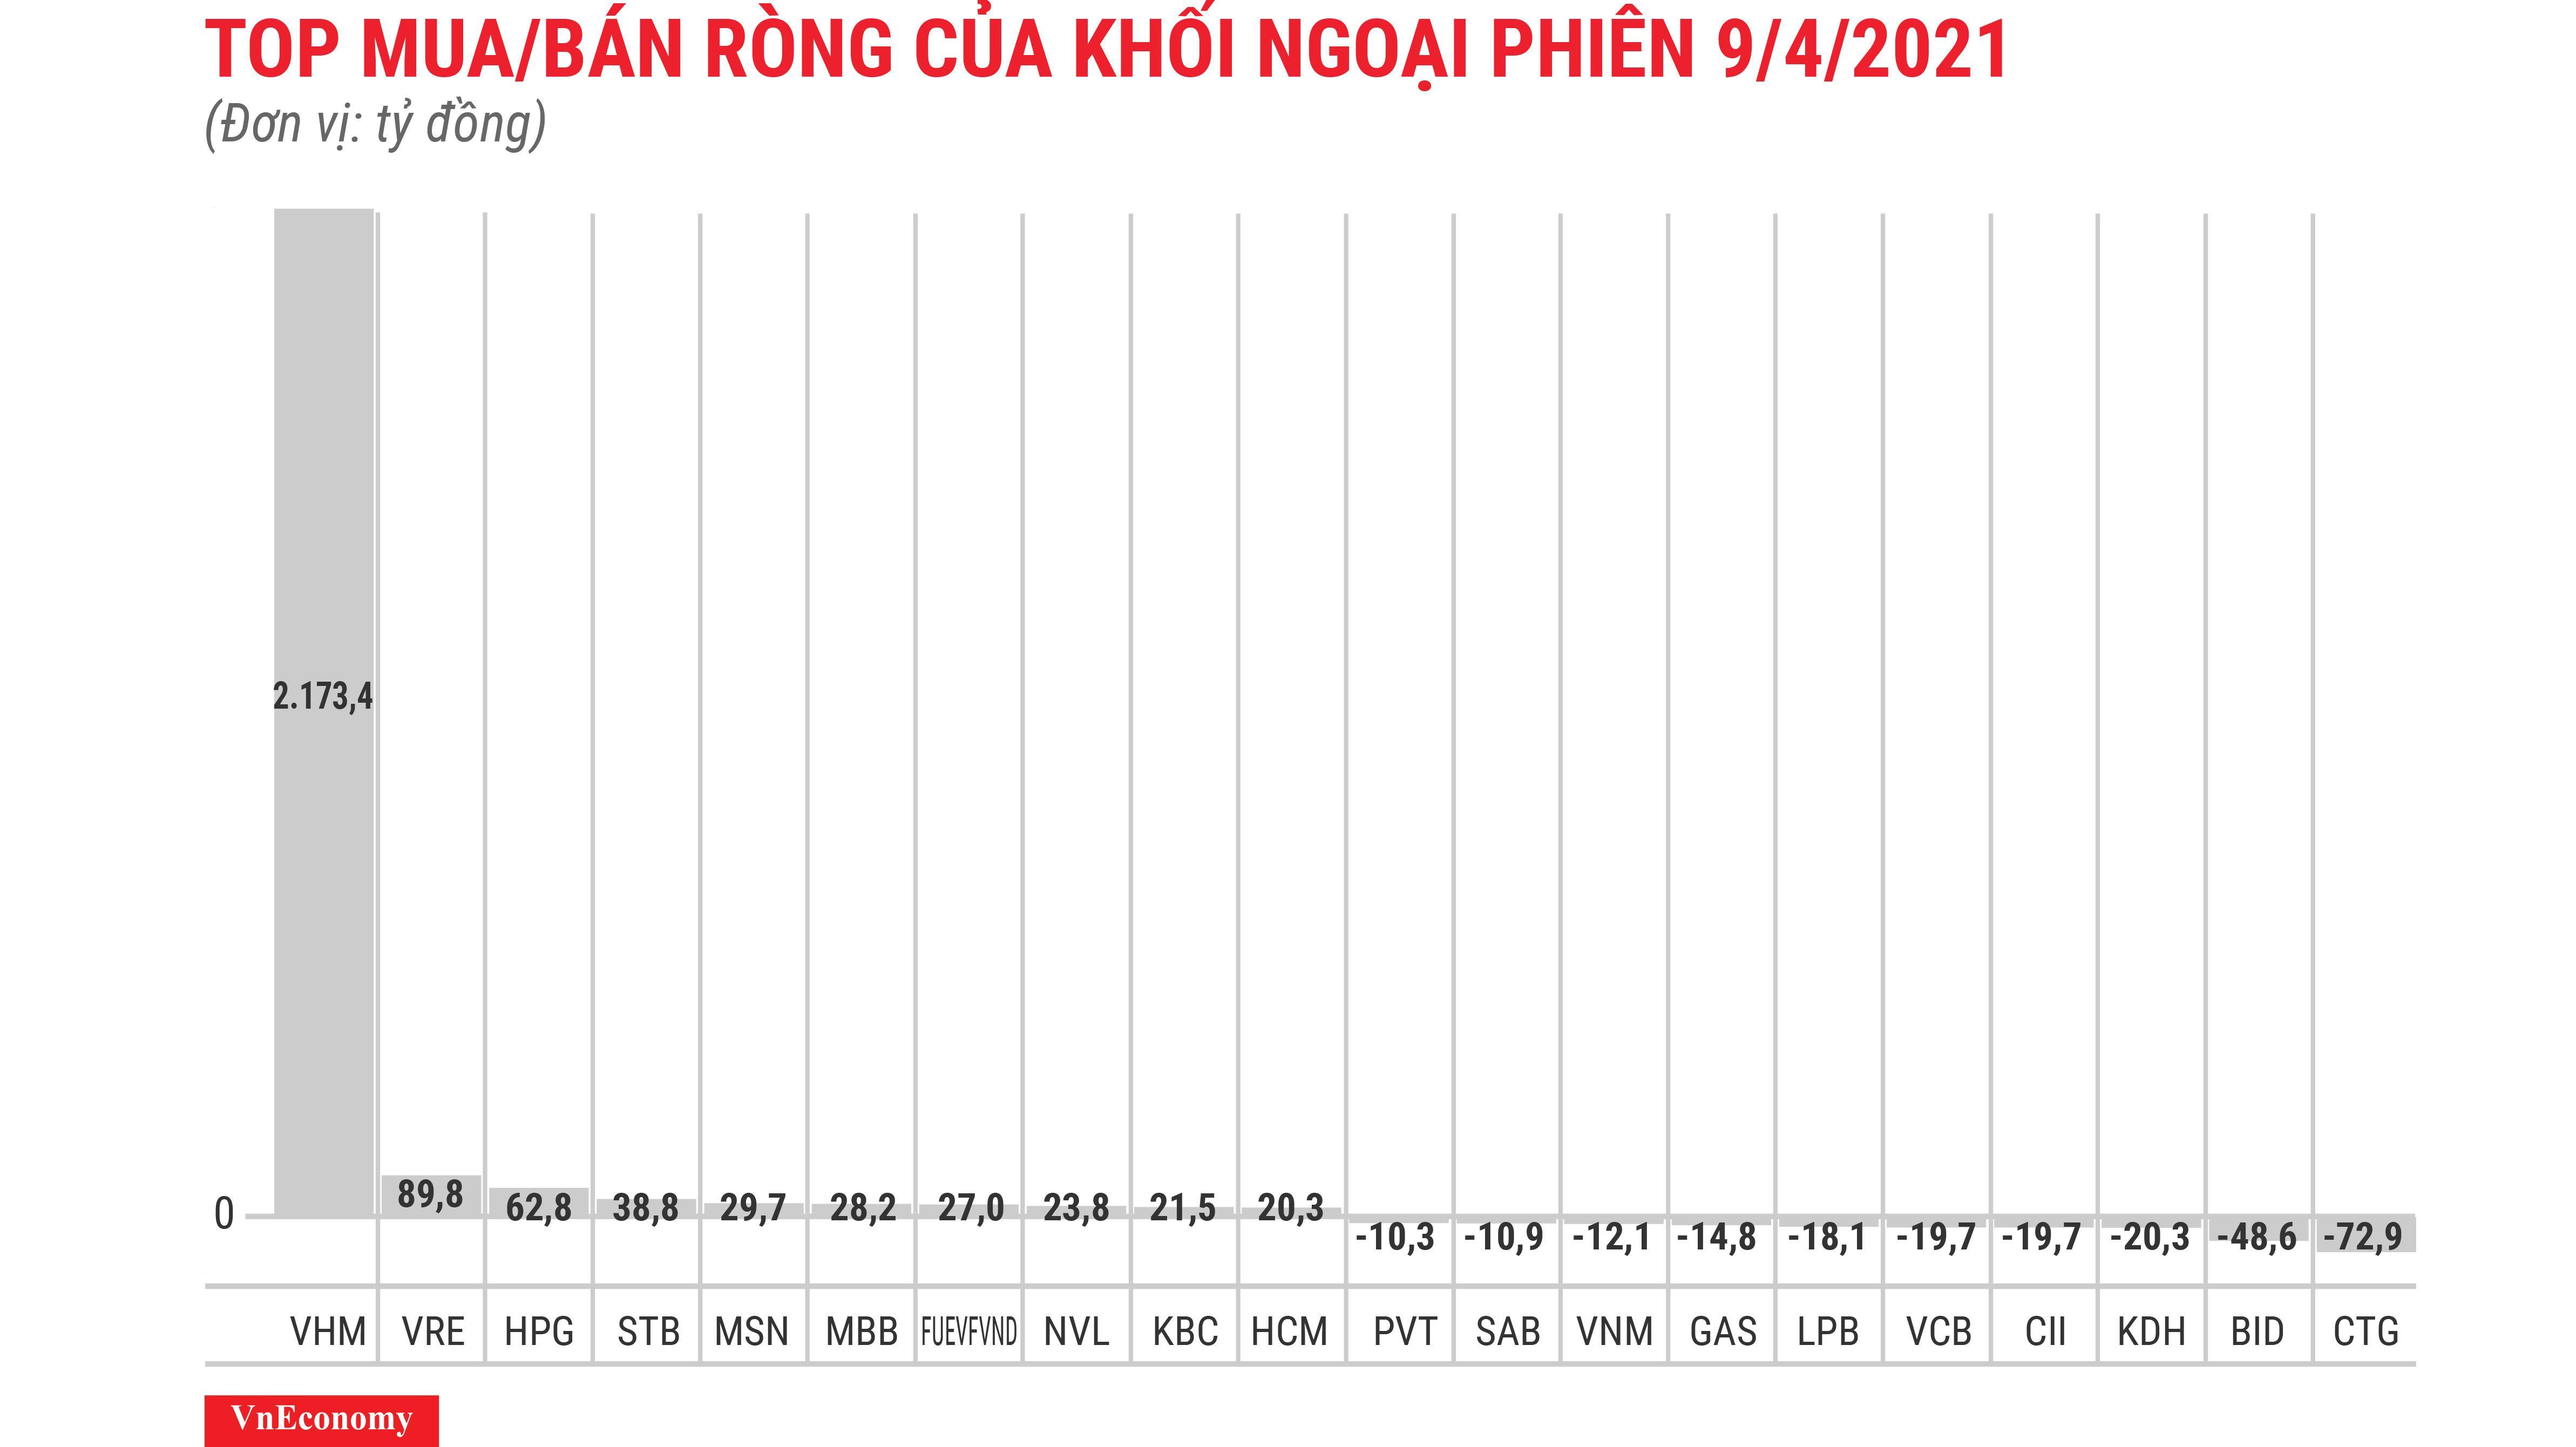 Khối ngoại giao dịch đột biến, gom ròng 2.173 tỷ đồng VHM Ảnh 1